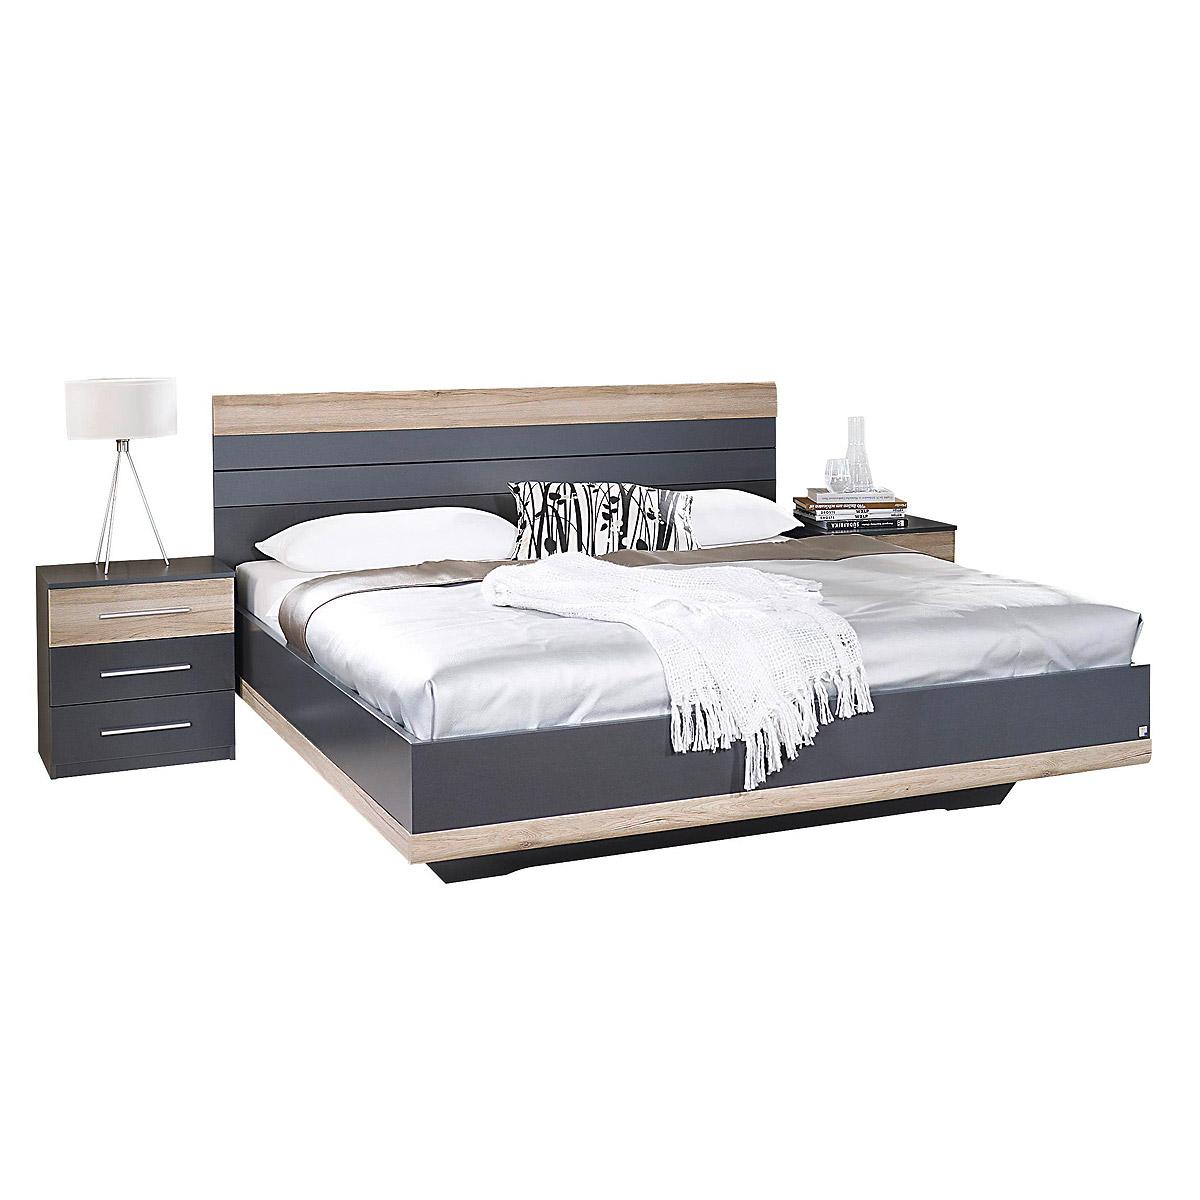 bettanlage tarragona bett nakos grau metallic eiche sanremo hell 180x200 cm eur 248 95. Black Bedroom Furniture Sets. Home Design Ideas